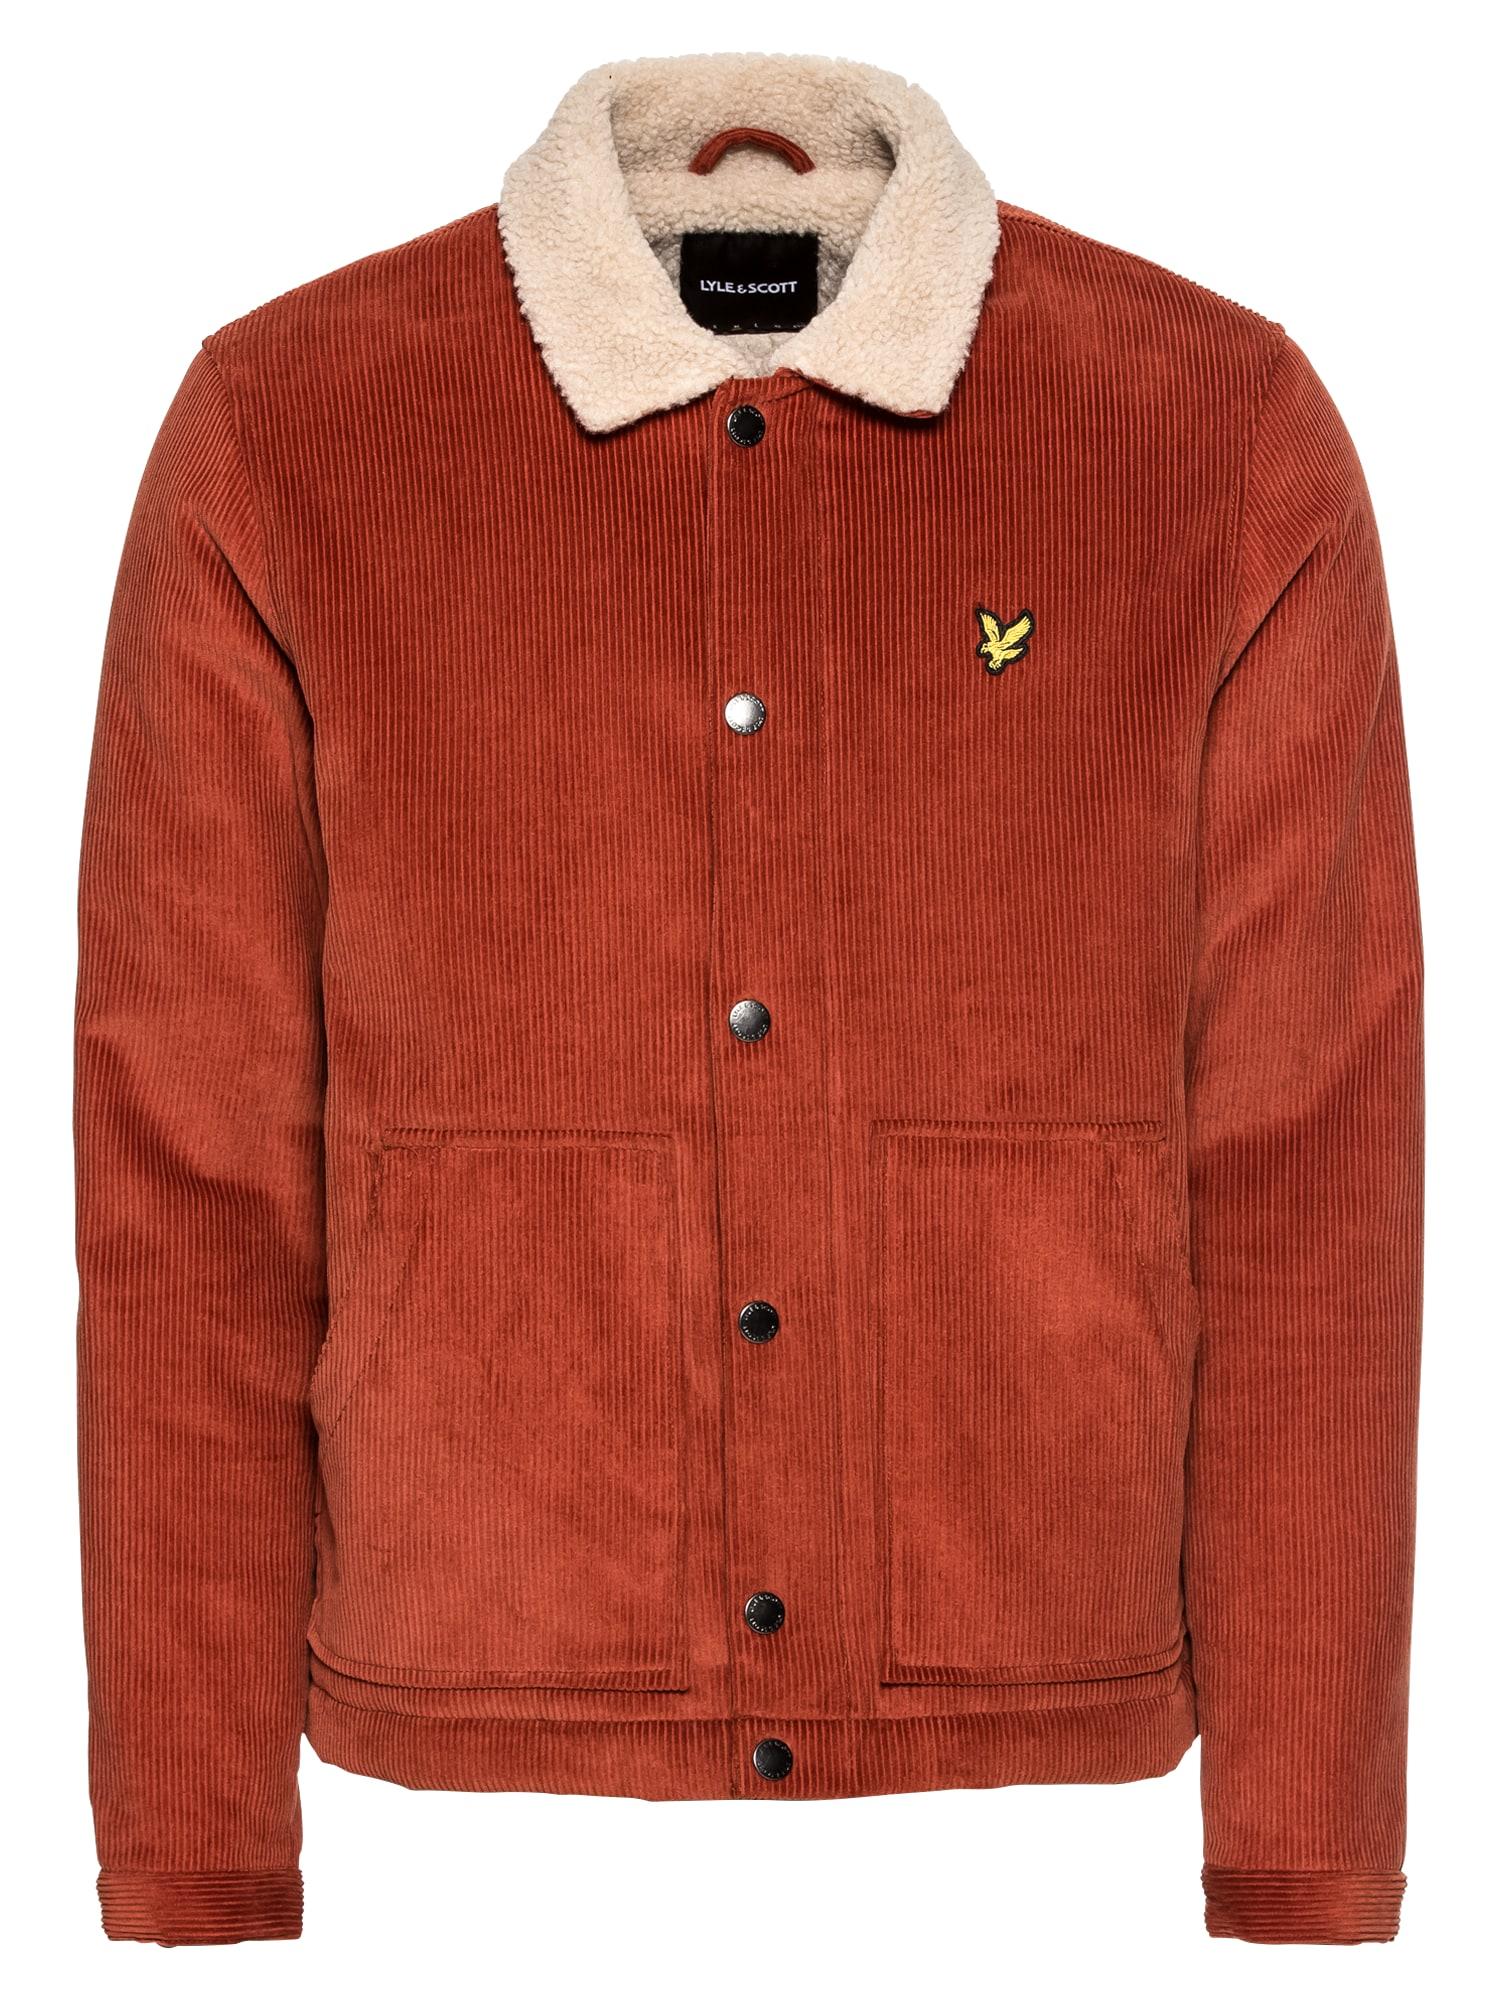 Přechodná bunda Jumbo Cord Shearling Jacket béžová rezavě hnědá Lyle & Scott